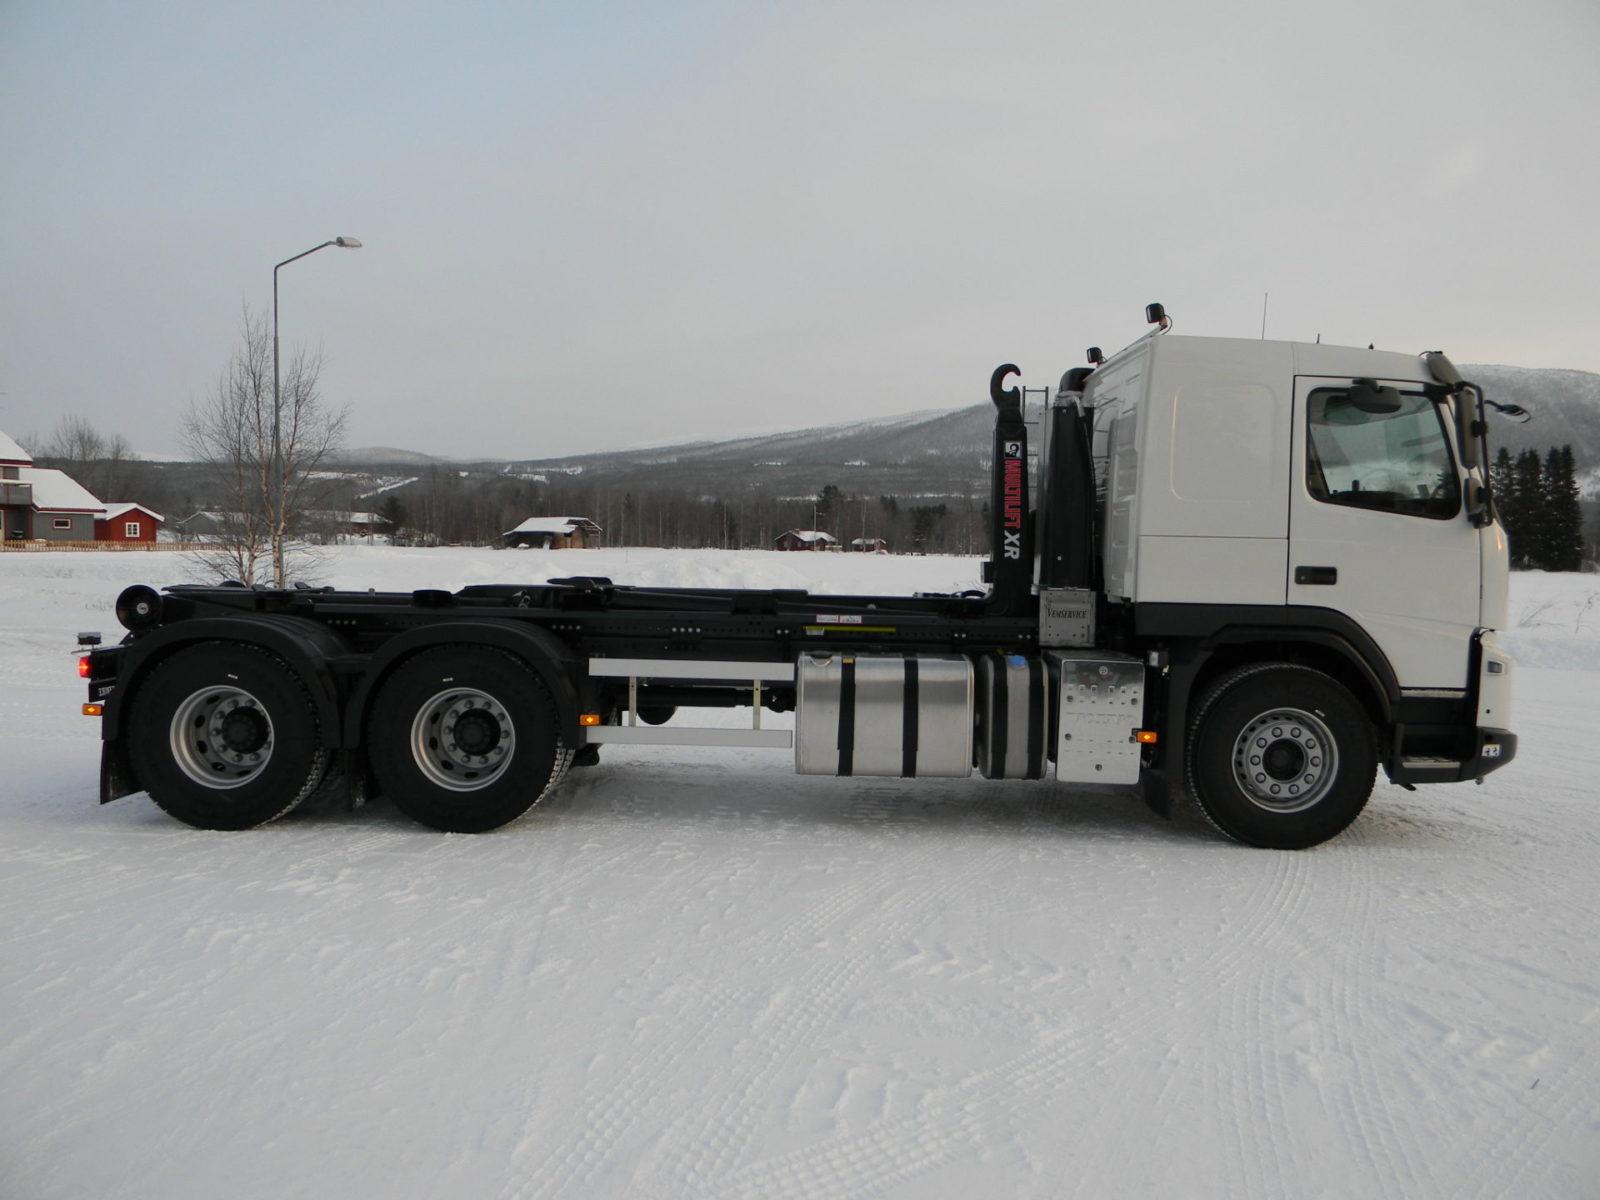 1051325-mora-mobillyft-17